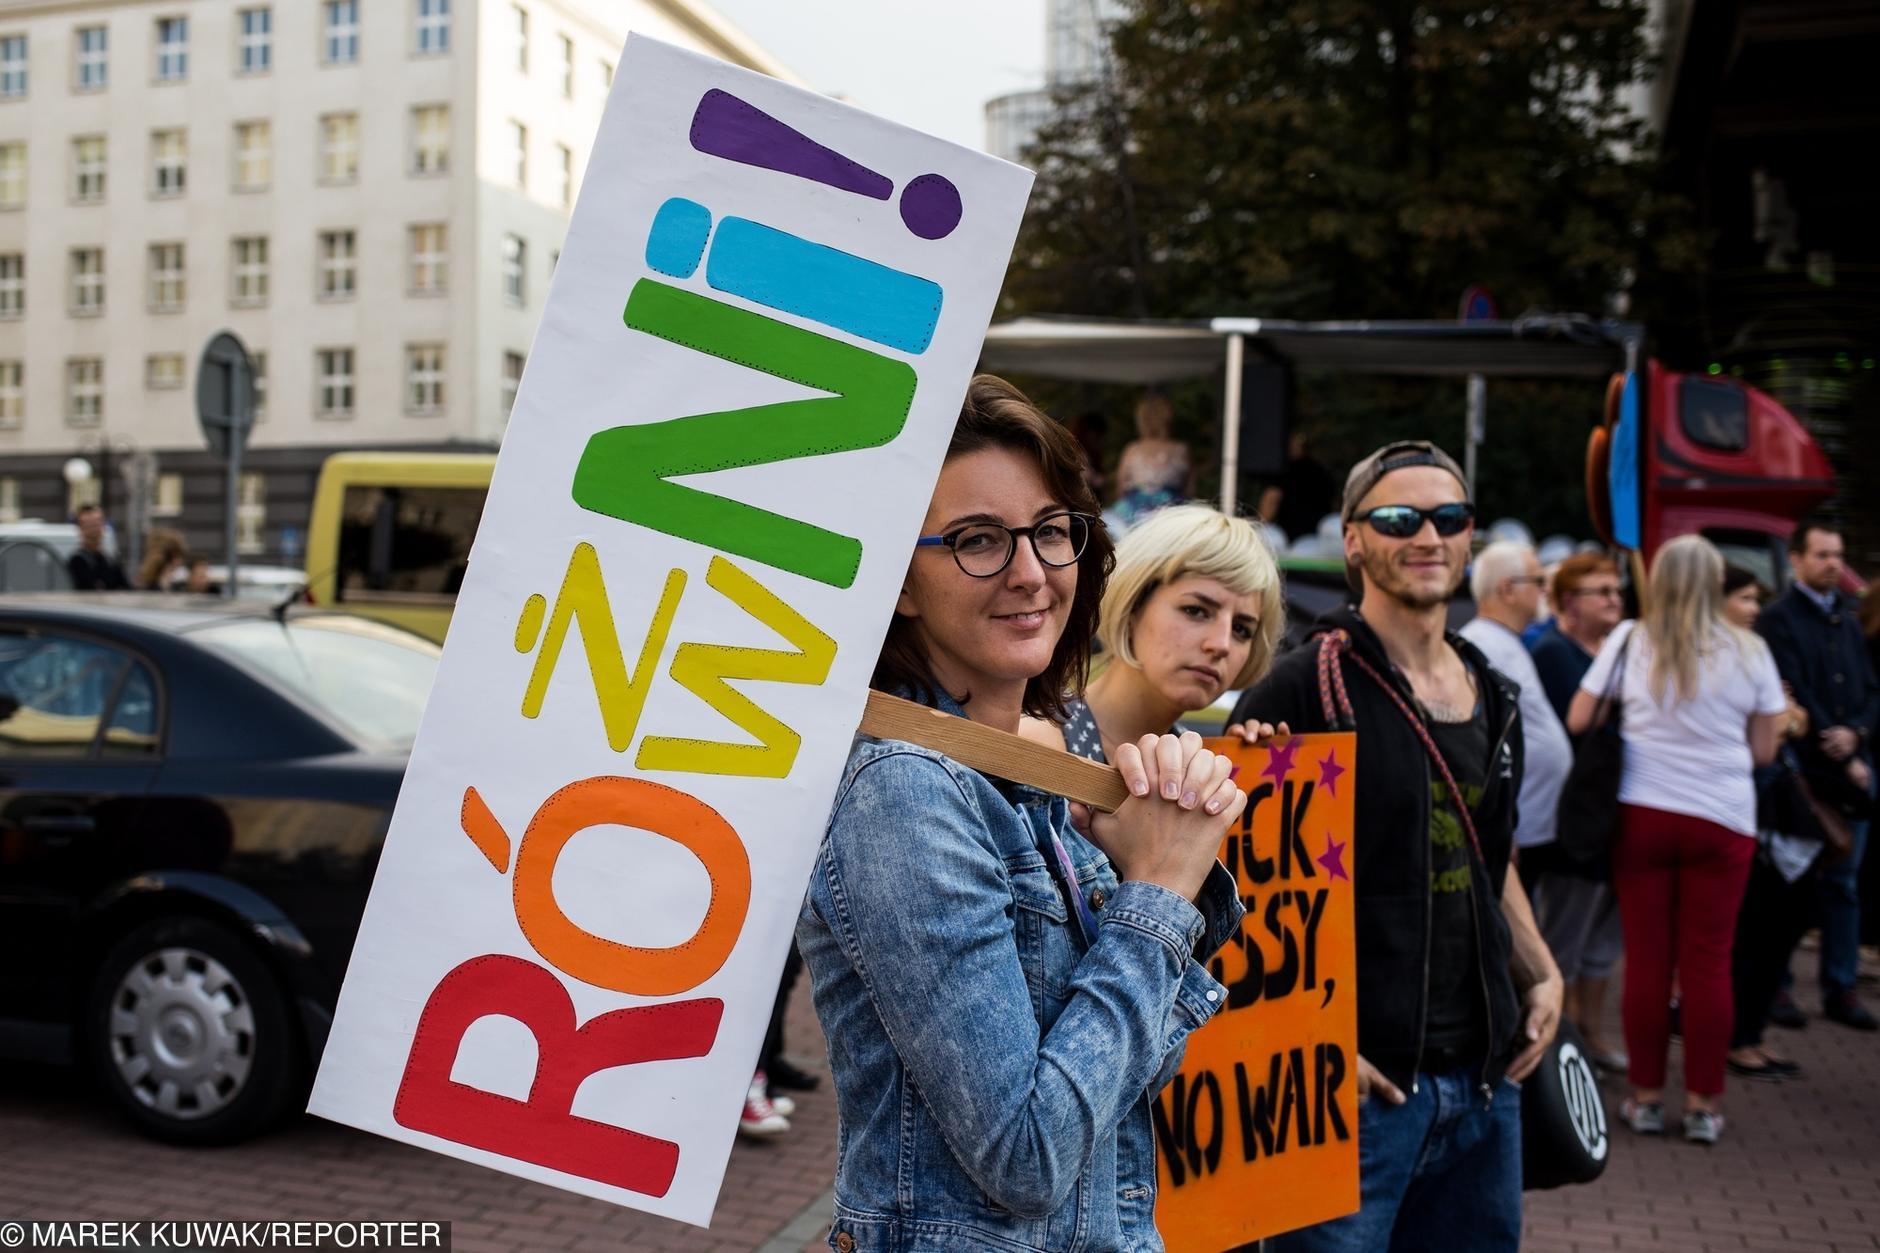 Polskie firmy unikają osób LGBT